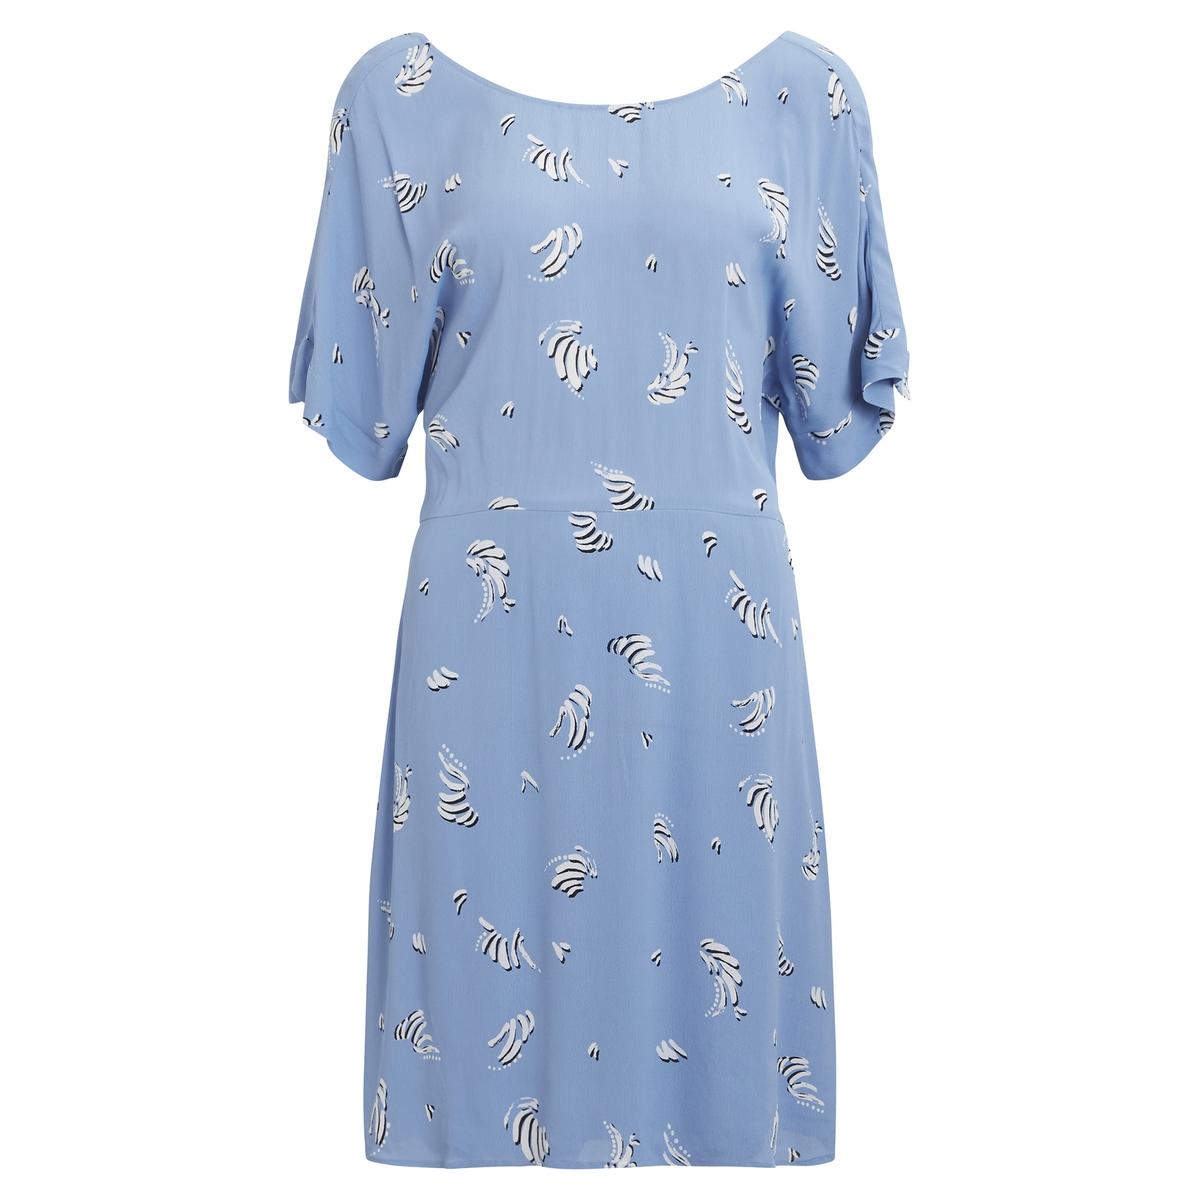 Платье La Redoute Струящееся с короткимим рукавами 36 (FR) - 42 (RUS) синий платье la redoute прямое струящееся cienna 2 m синий